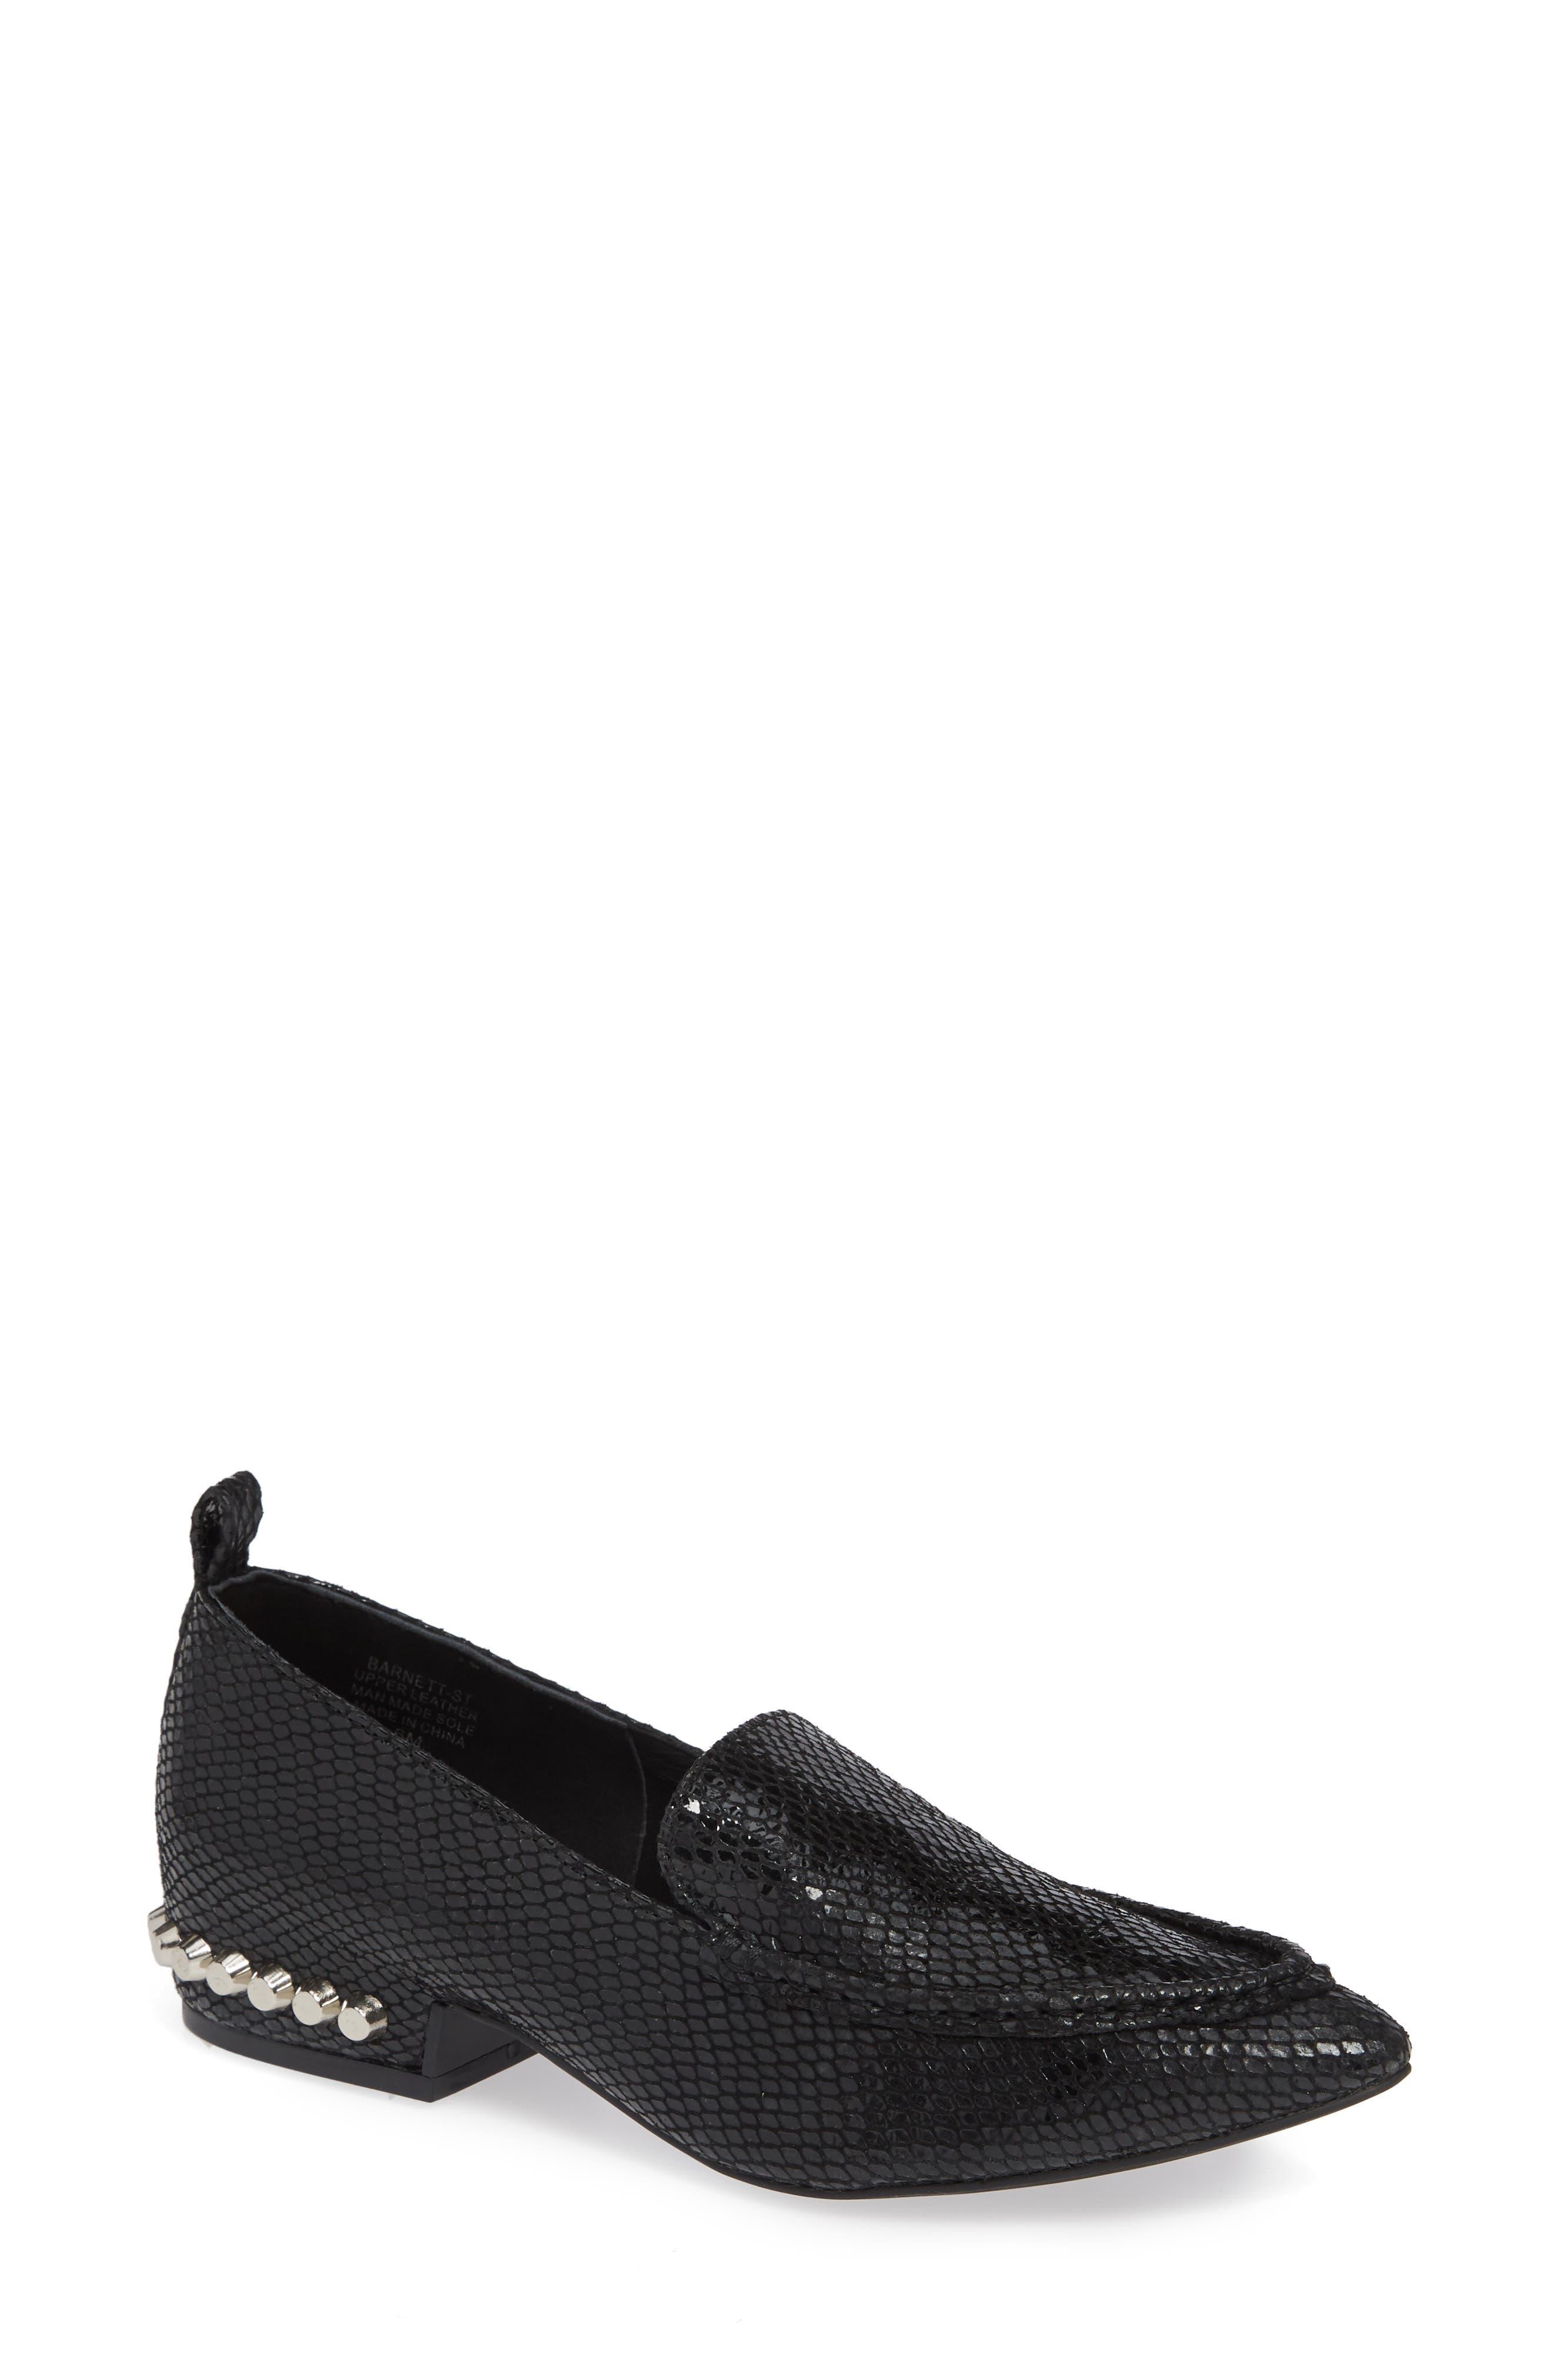 Barnett Studded Loafer,                             Main thumbnail 1, color,                             BLACK SNAKE SILVER